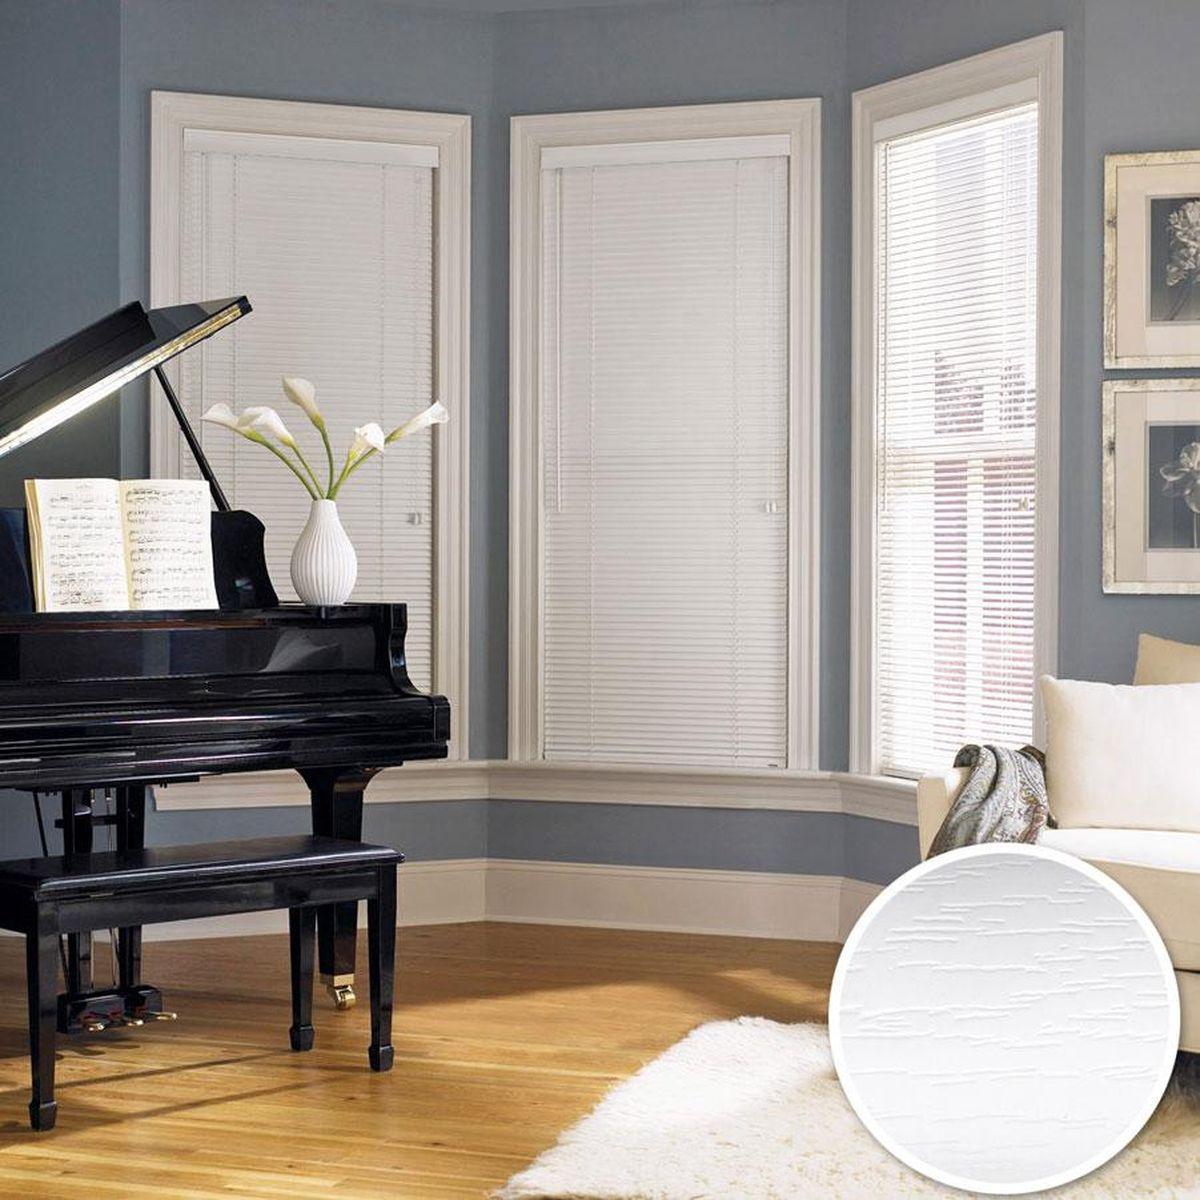 Жалюзи Эскар, цвет: белый, ширина 60 см, высота 160 см61008060160Для того чтобы придать интерьеру изюминку и завершенность, нет ничего лучше, чем использовать жалюзи на окнах квартиры, дома или офиса. С их помощью можно подчеркнуть индивидуальный вкус, а также стилевое оформление помещения. Помимо декоративных функций, жалюзи выполняют и практические задачи: они защищают от излишнего солнечного света, не дают помещению нагреваться, а также создают уют в темное время суток. Пластиковые жалюзи - самое универсальное и недорогое решение для любого помещения. Купить их может каждый, а широкий выбор размеров под самые популярные габариты сделает покупку простой и удобной. Пластиковые жалюзи имеют высокие эксплуатационные характеристики - они гигиеничны, что делает их незаменимыми при монтаже в детских и медицинских учреждениях.